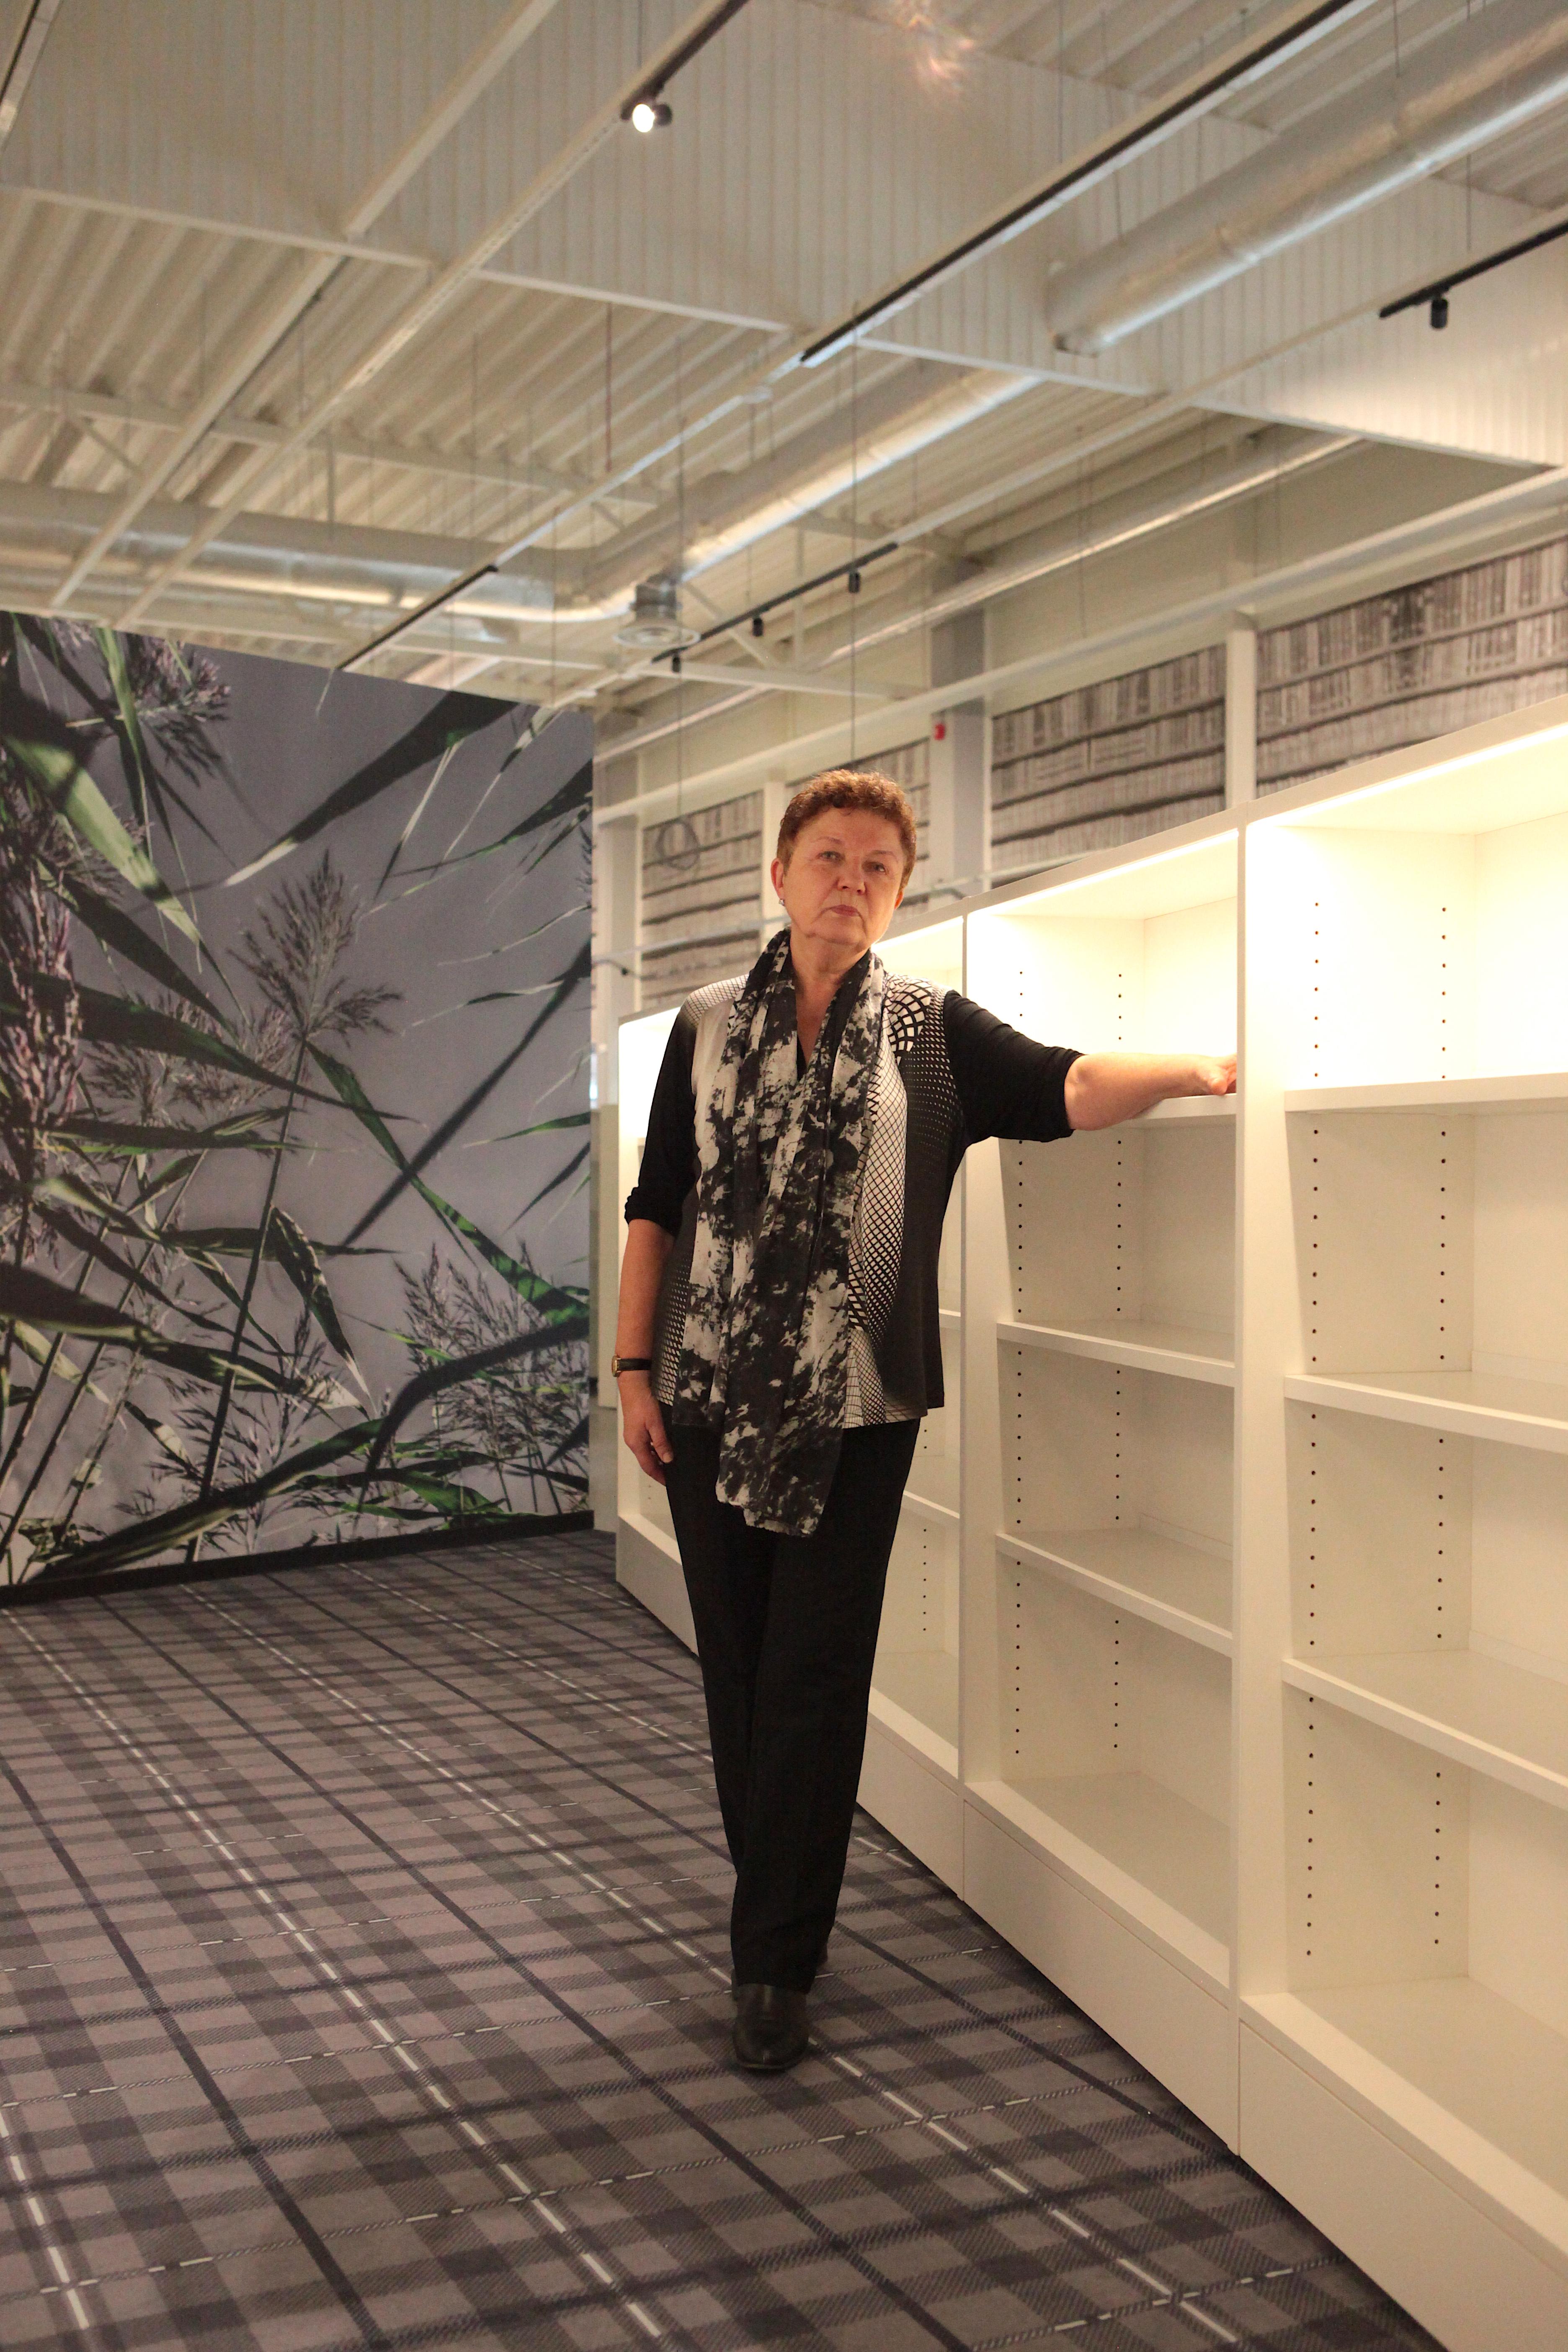 Raamatukogu direktor Tiiu Valm peaaegu et elabki uues raamatukogus, sest iga päev saabub mööblit, valgustust, lahendamist vajavad ka ootamatused